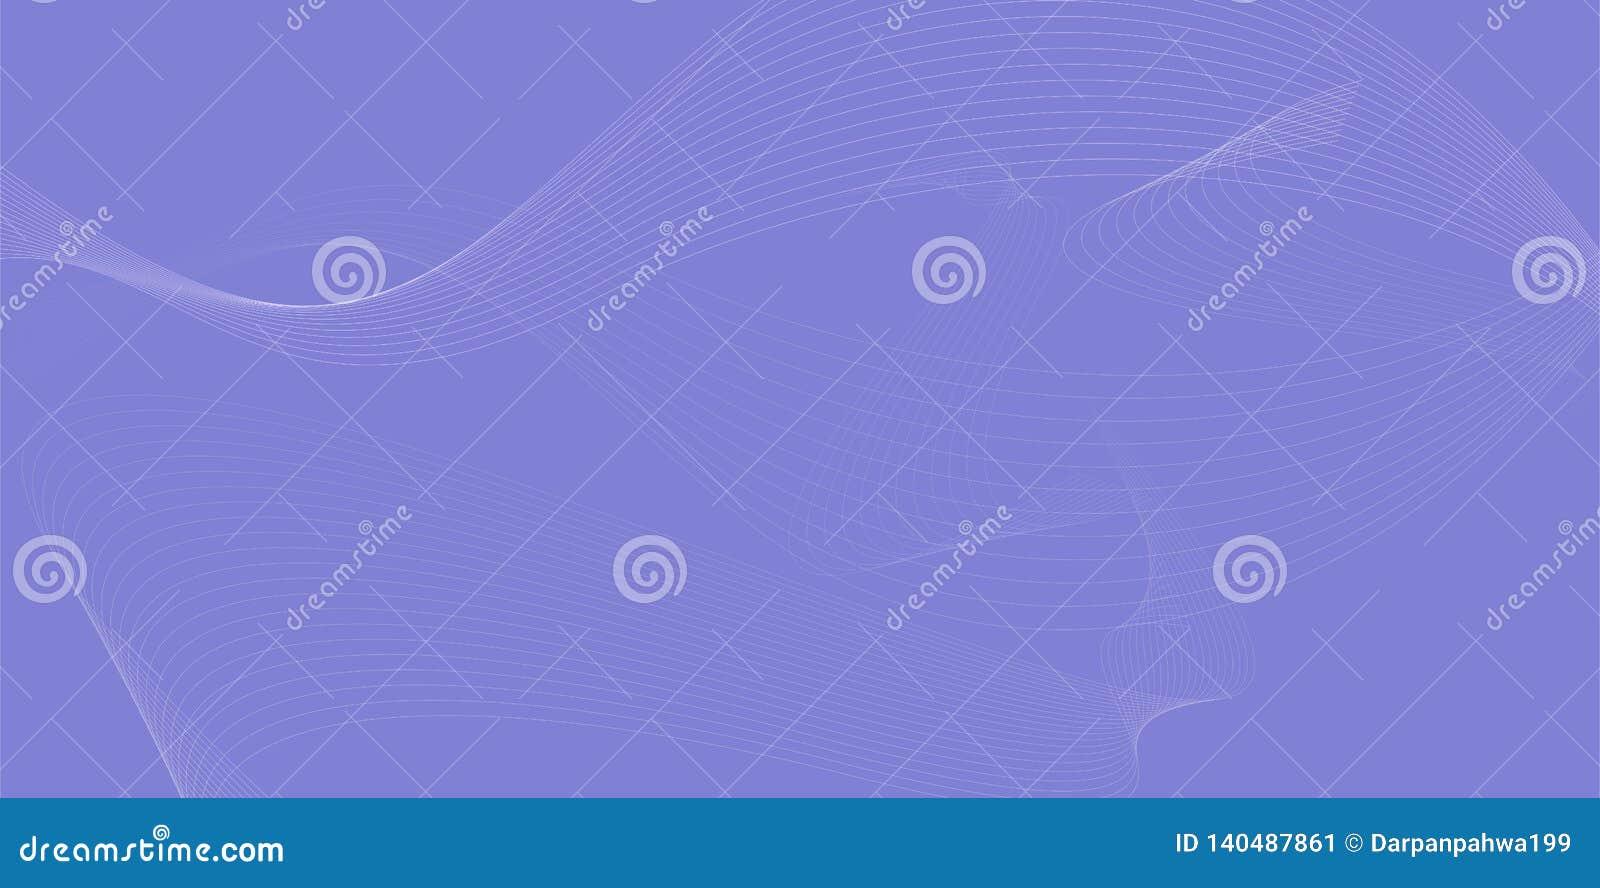 Maglia mescolata, onda futuristica di stile che circola sul fondo astratto porpora 014